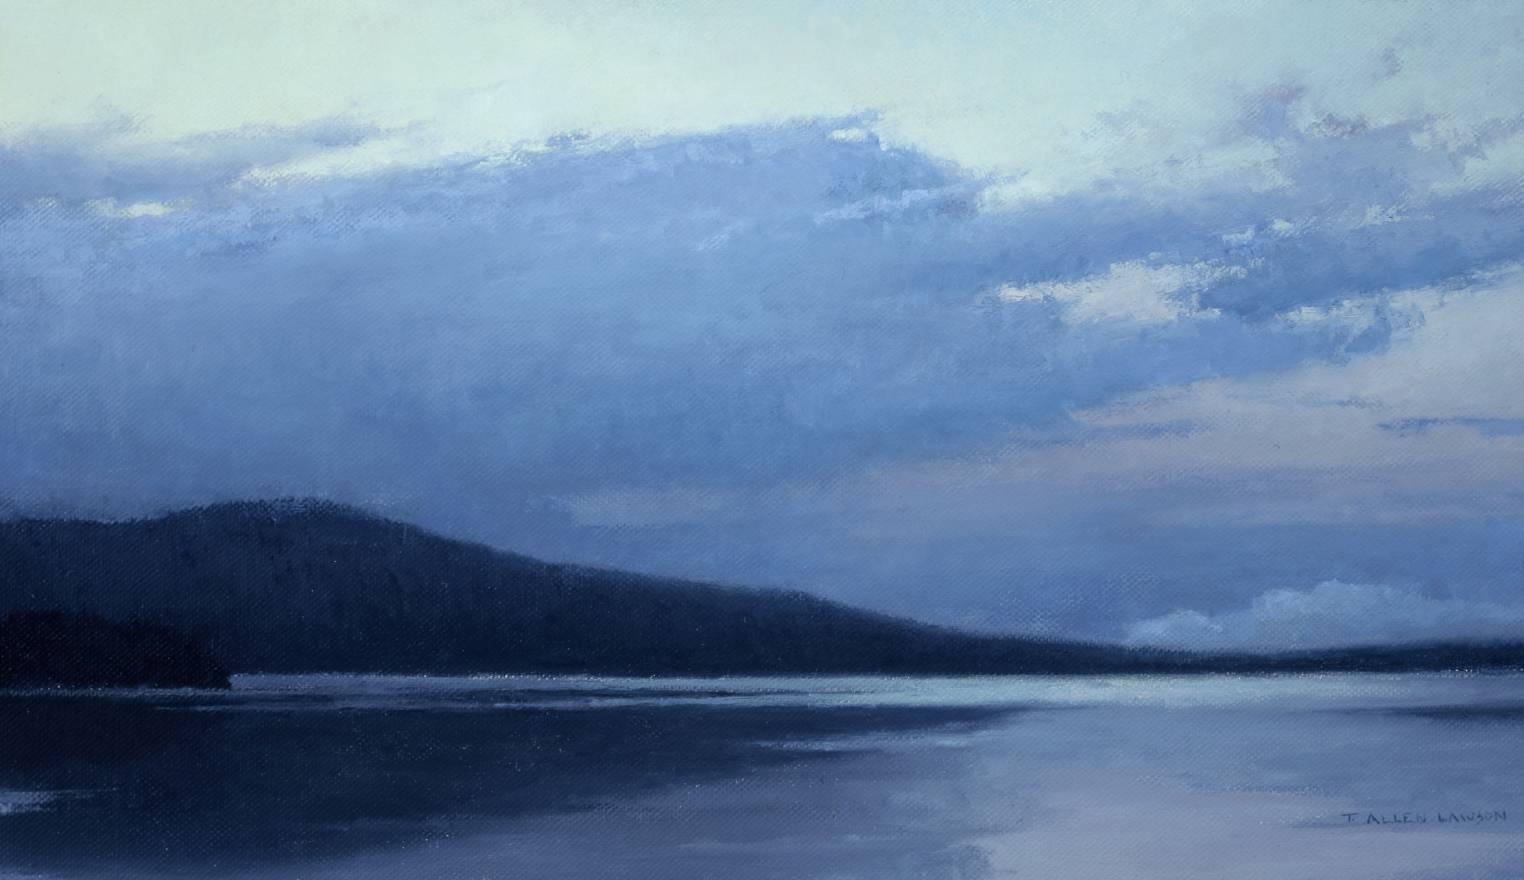 Evening on Katahdin Lake, oil on linen, 16 x 28 in.